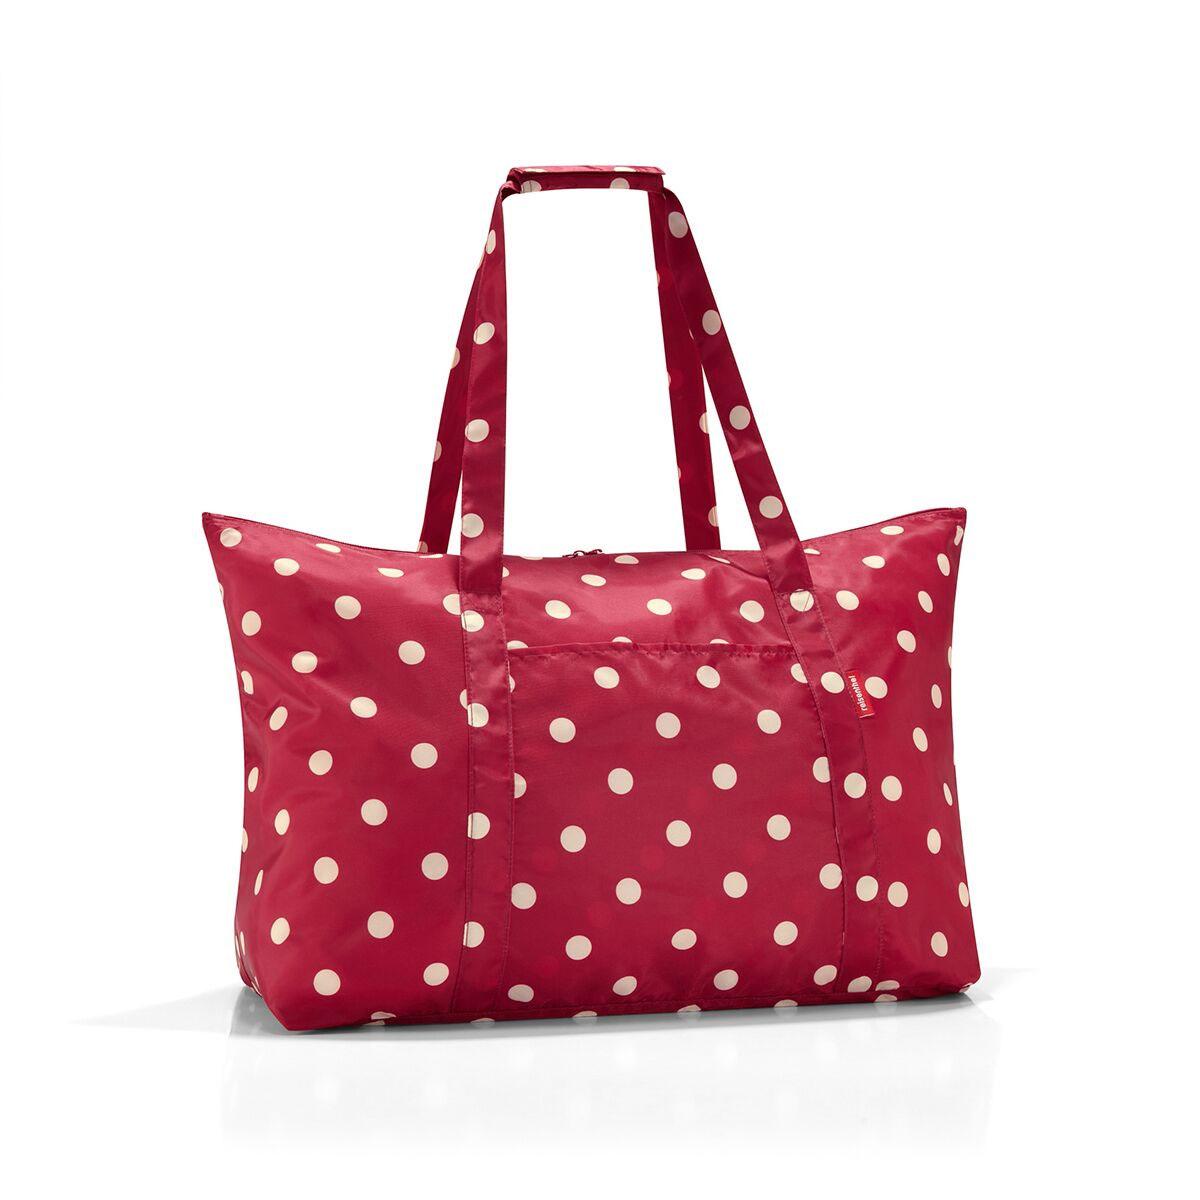 Сумка дорожная женская Reisenthel, цвет: красный. AG3014 сумка дорожная женская reisenthel цвет темно красный голубой розовый mt3048